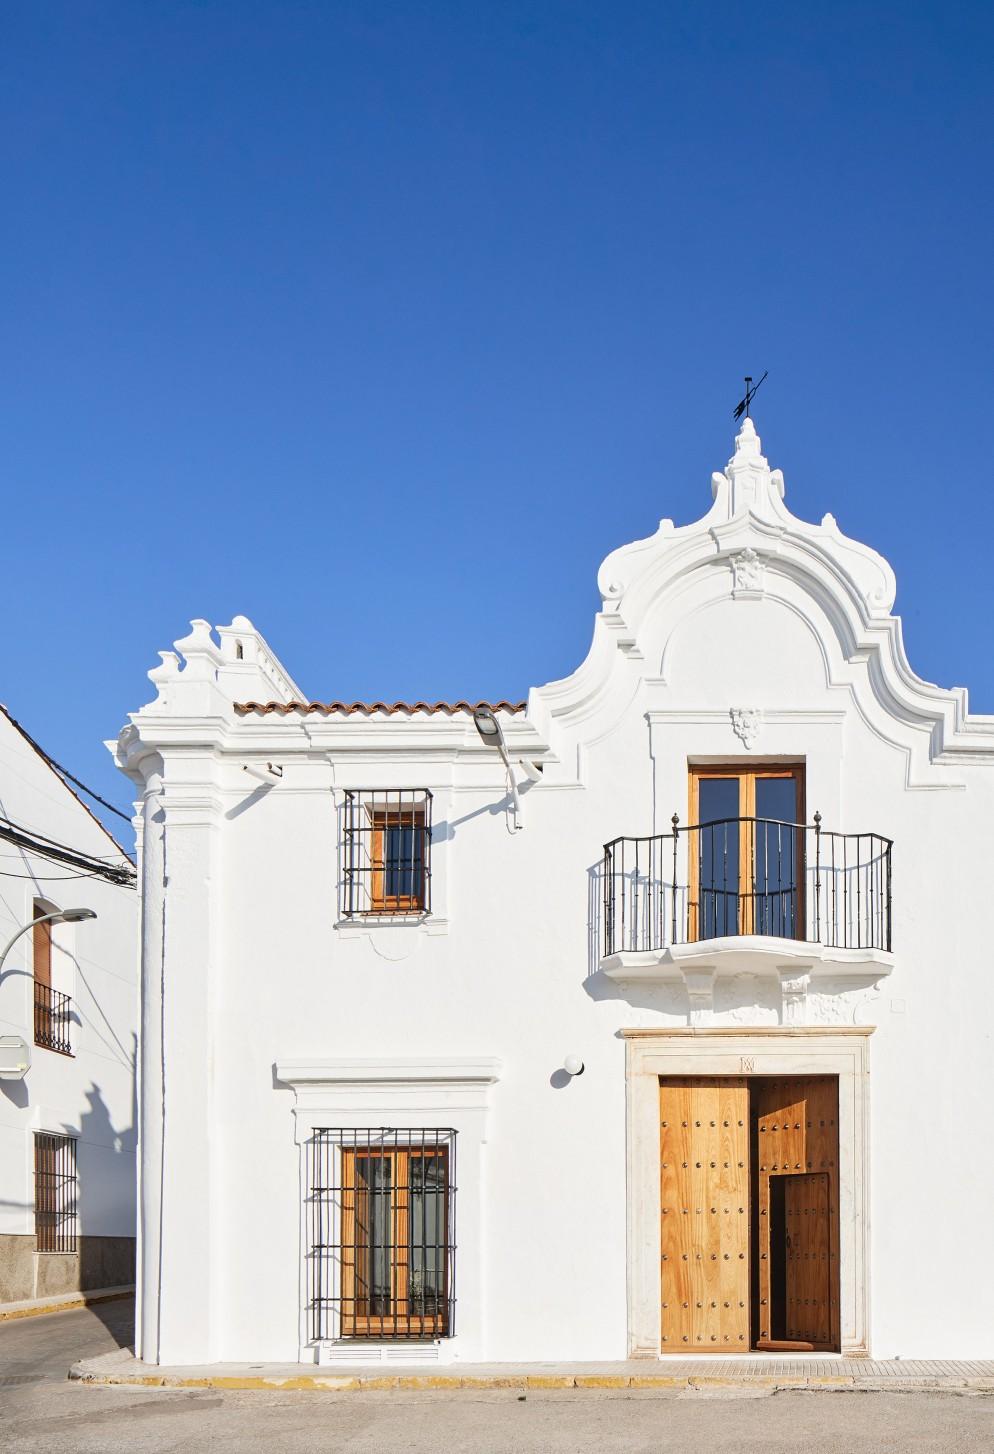 casa-villalba-de-los-barros-lucas-y-hernandez-gil-interiors-residential-spain_2364